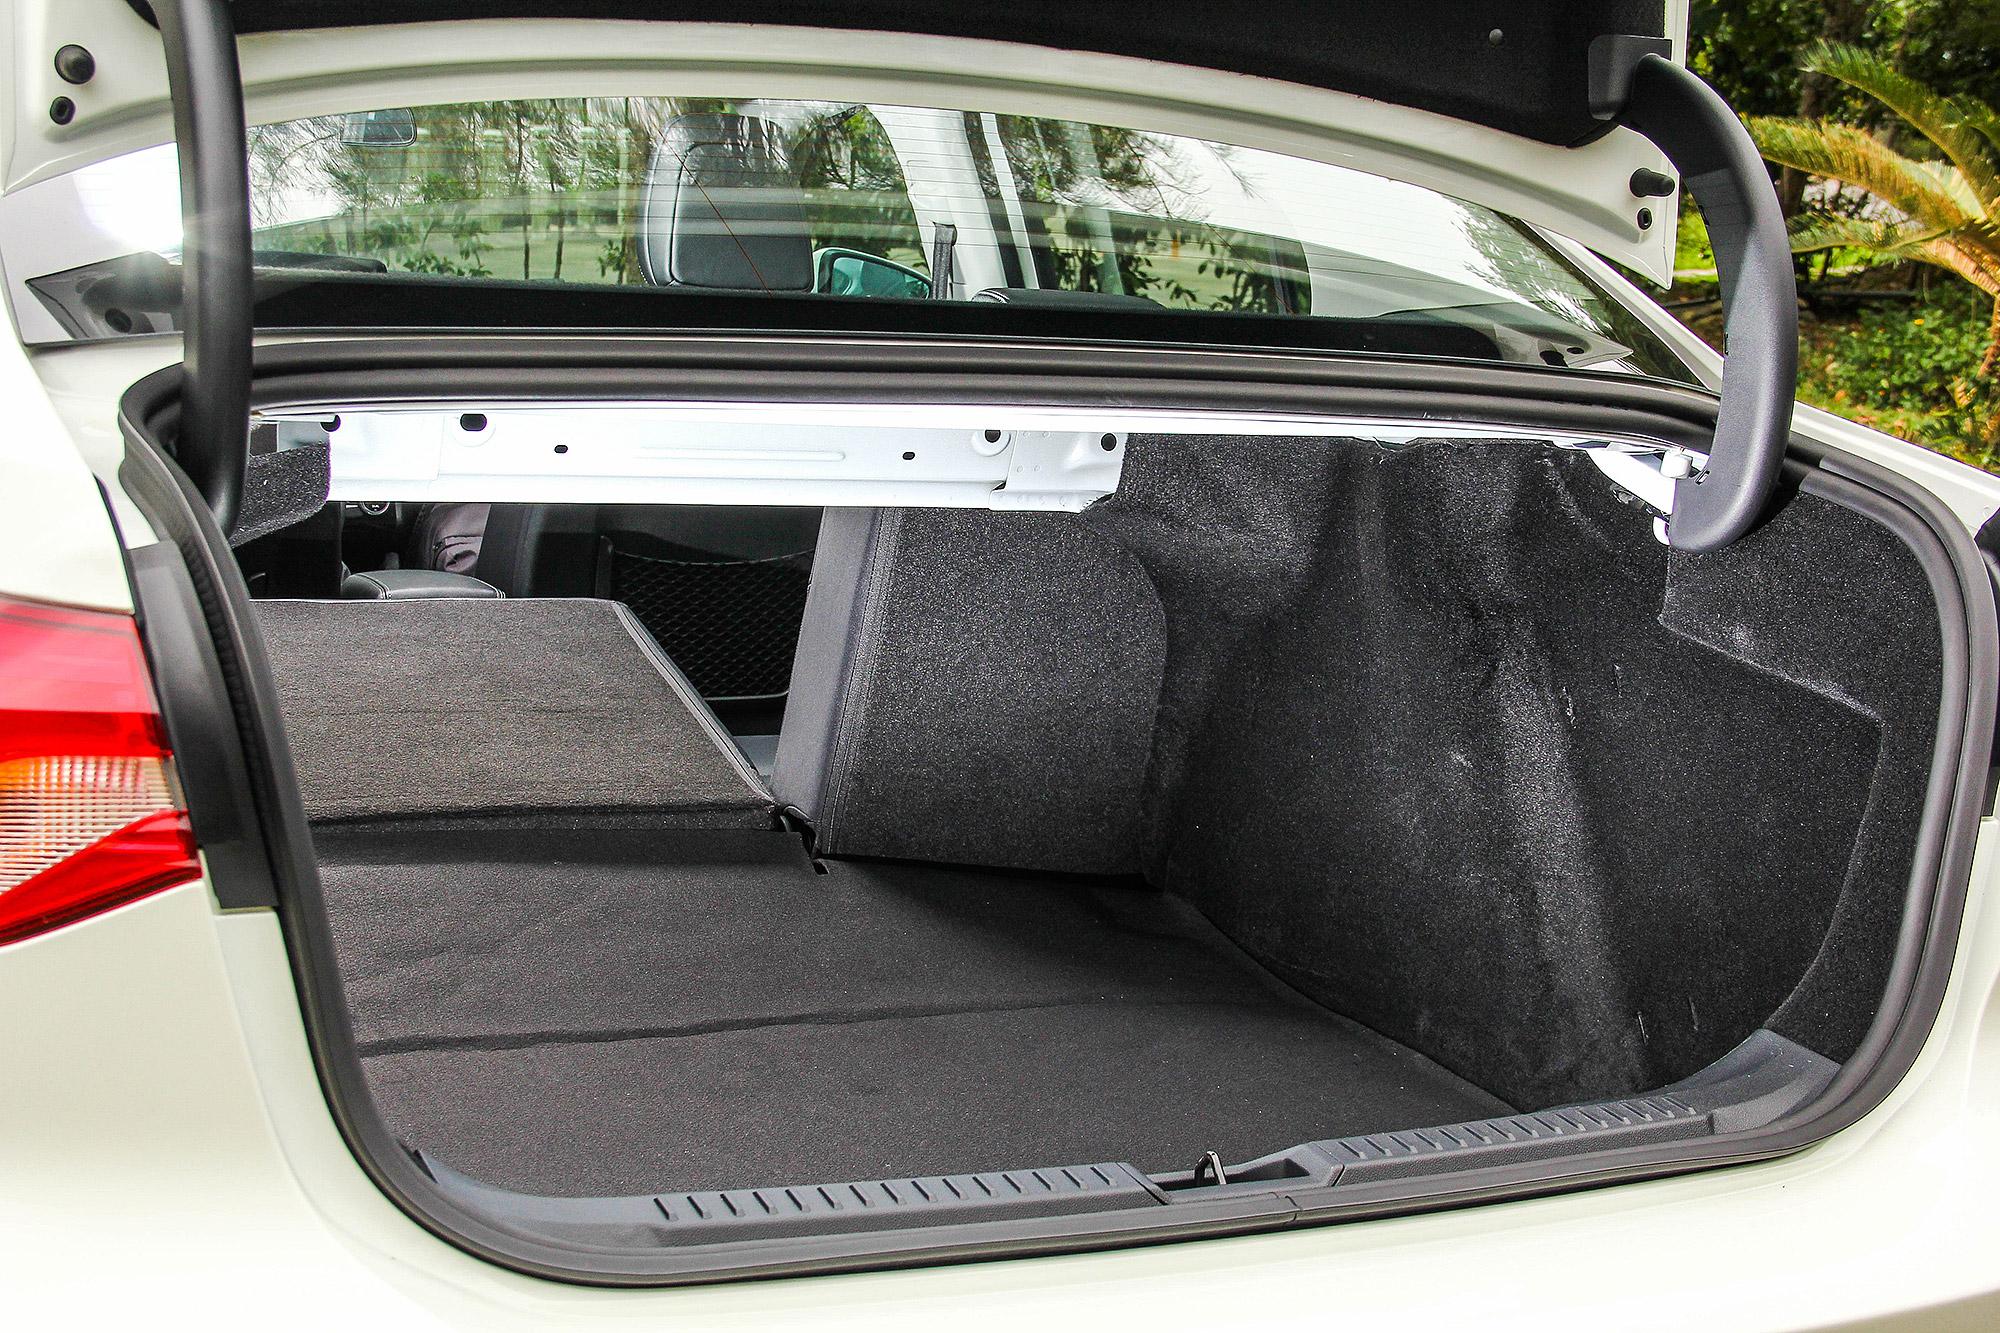 是 539 公升的行李廂容積,可直接放入嬰兒推車,不用特別「喬」角度。